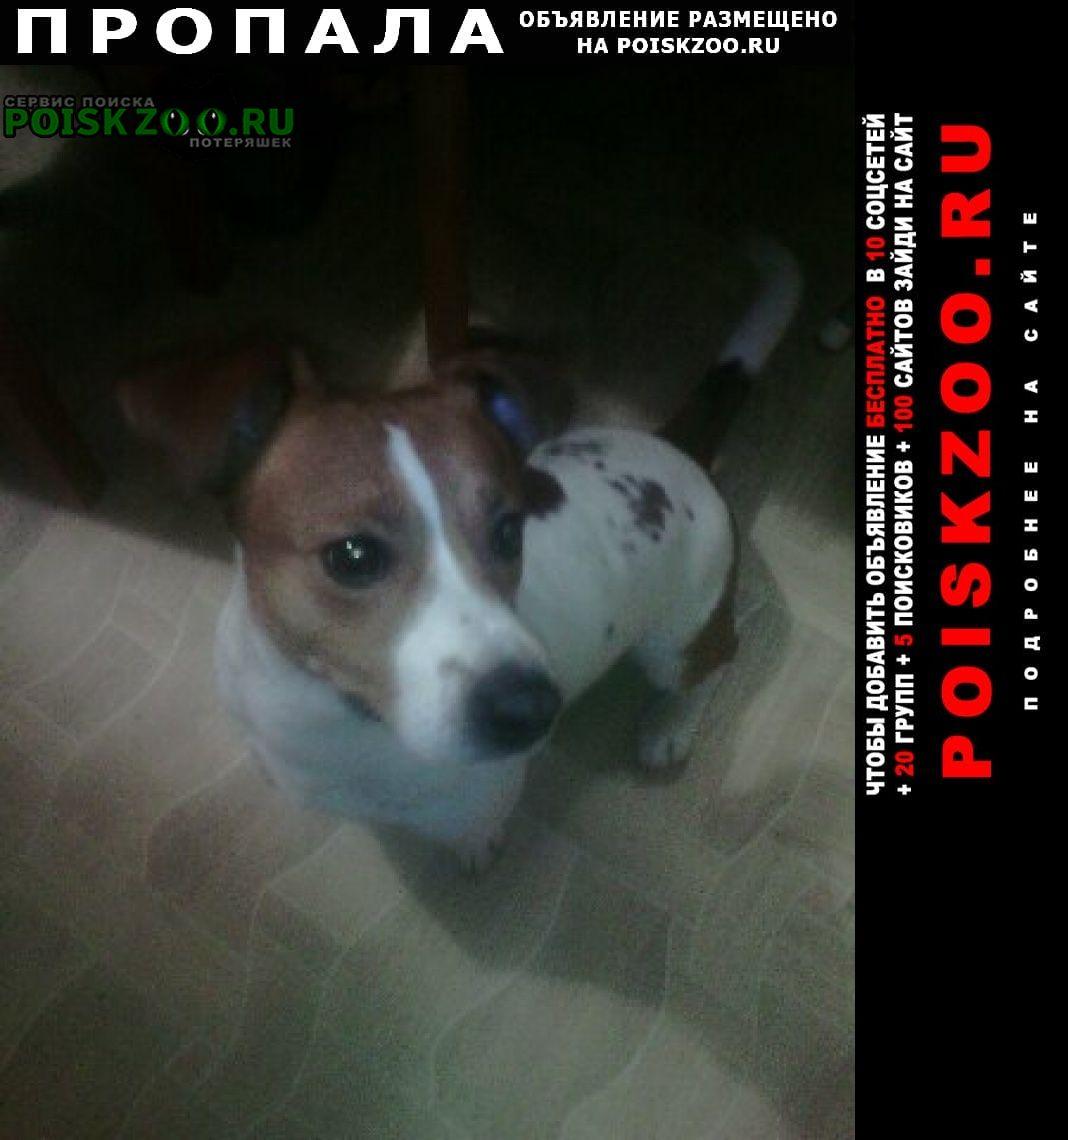 Пропала собака кобель помогите найти район струги красные Струги-Красные